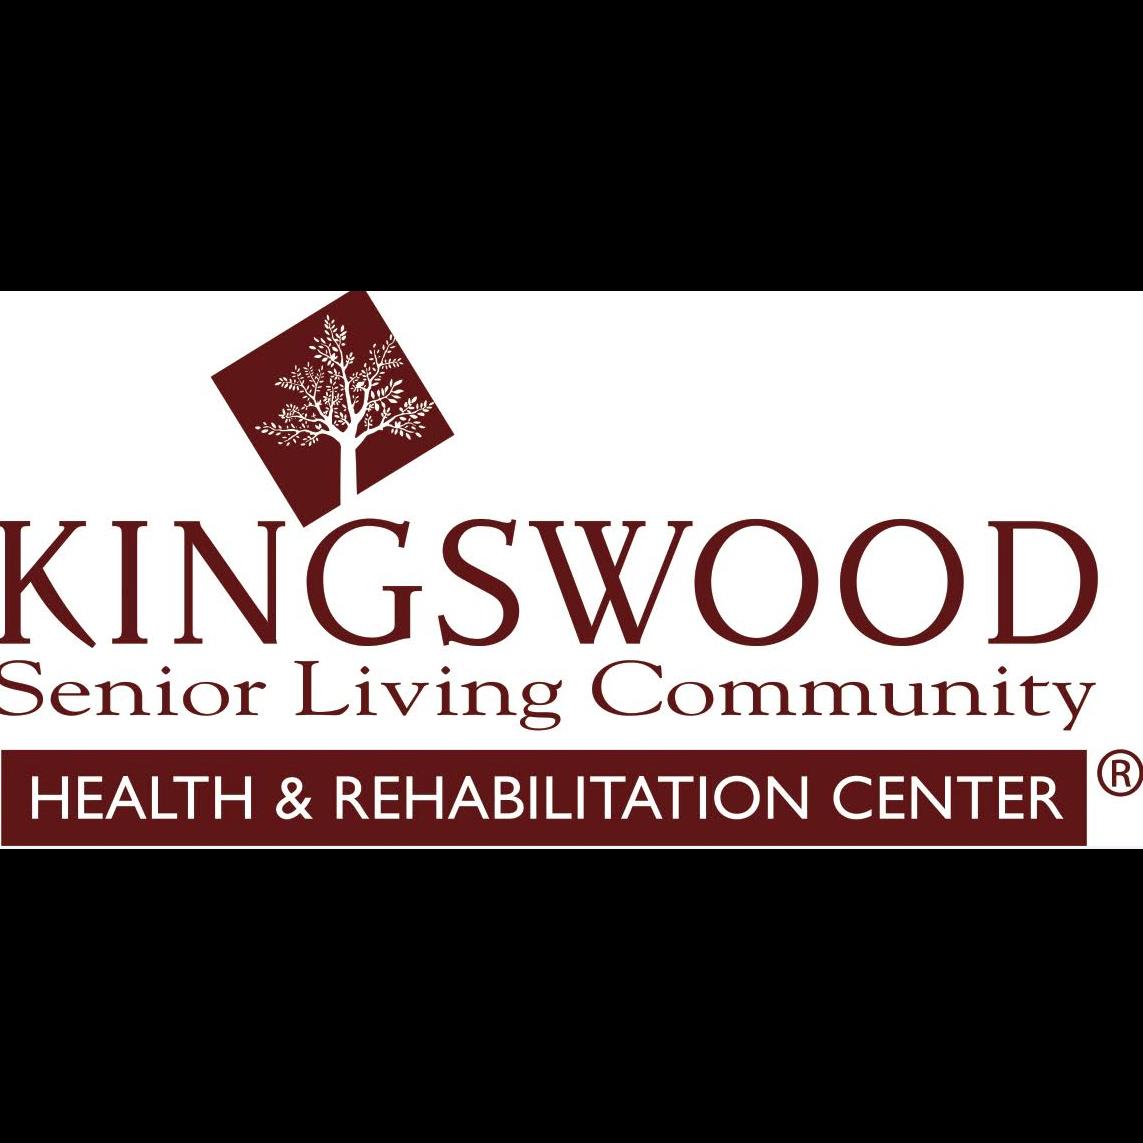 Kingswood Senior Living